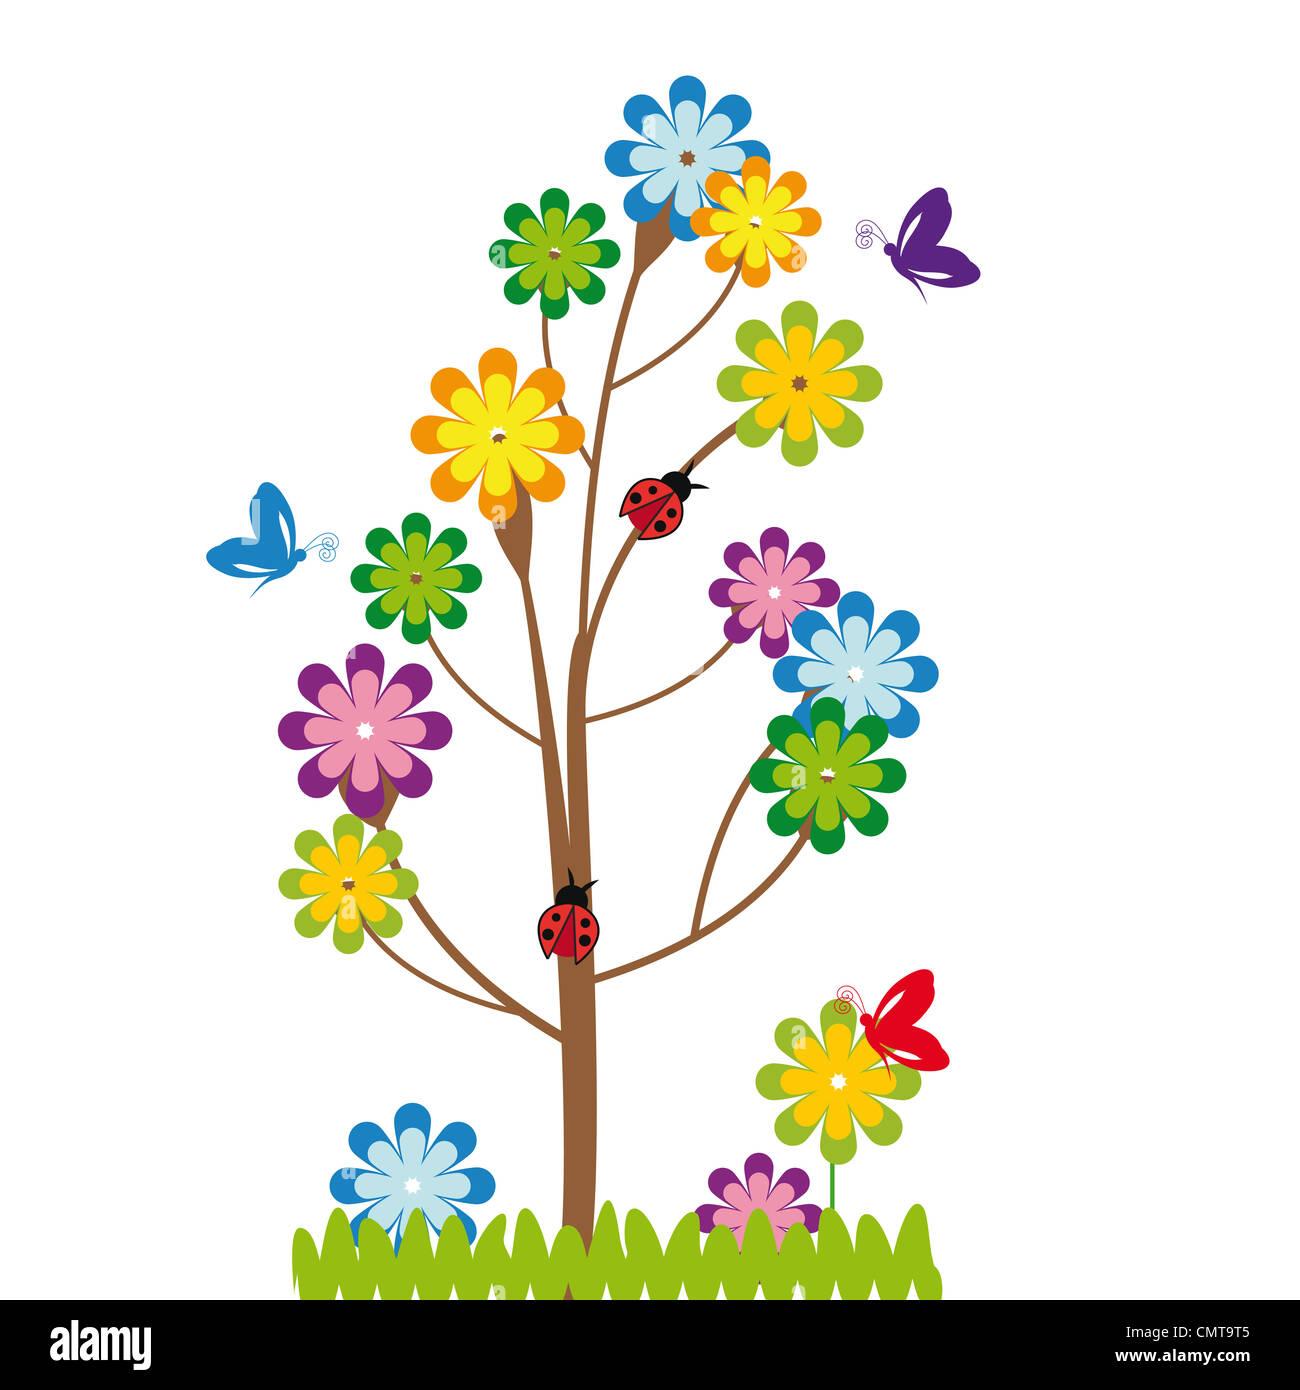 Cute Dibujos Animados Para Niños Con árboles Y Flores Foto Imagen